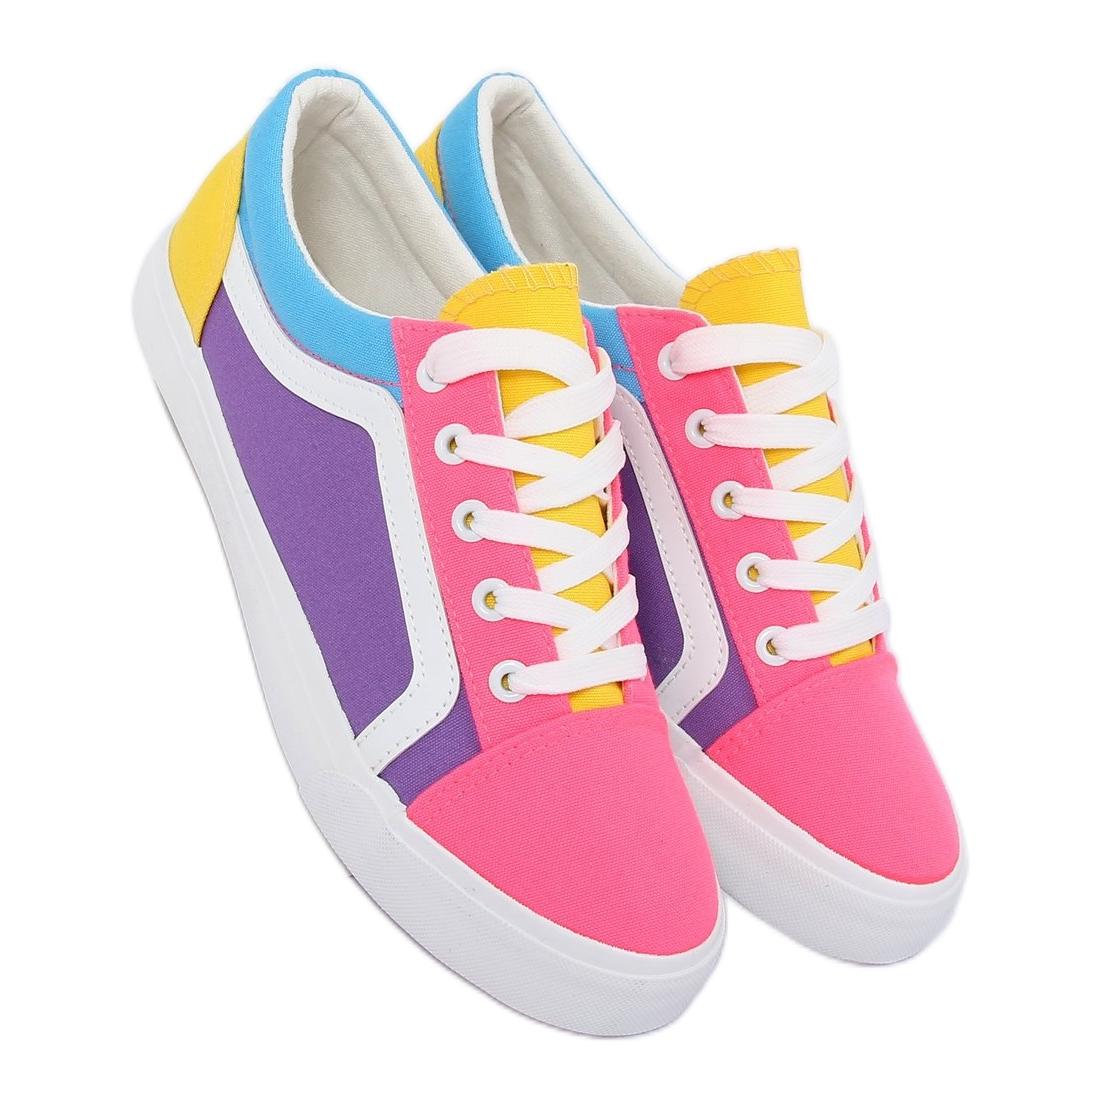 Tênis Fashion Azul Neon Calçados esportivos para mulheres | eBay